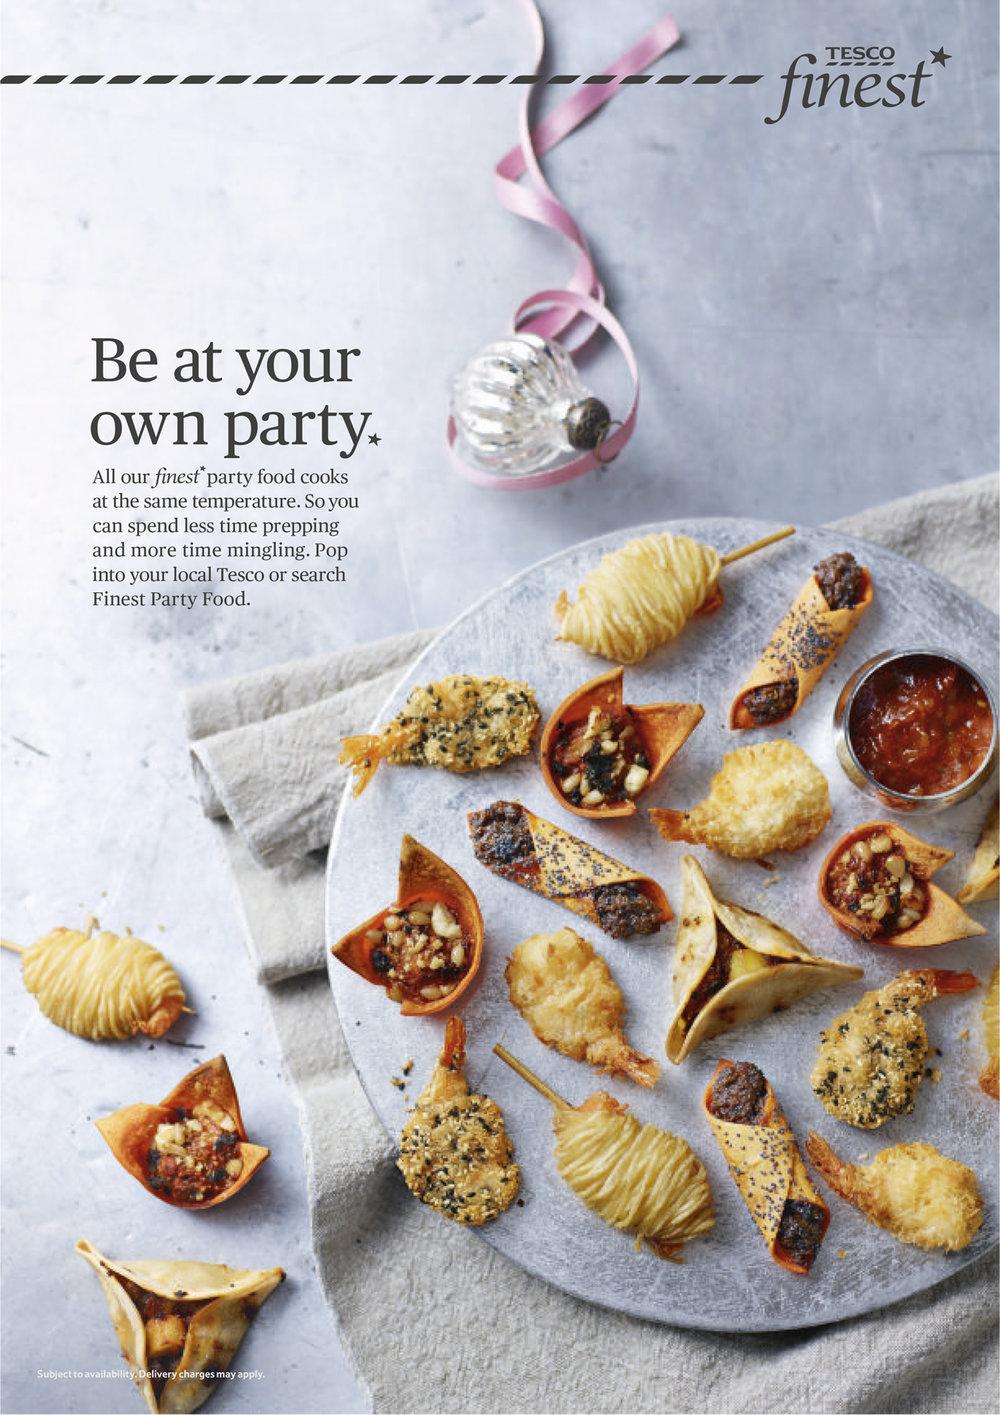 45964_Party_Food_300x210_scr.jpg